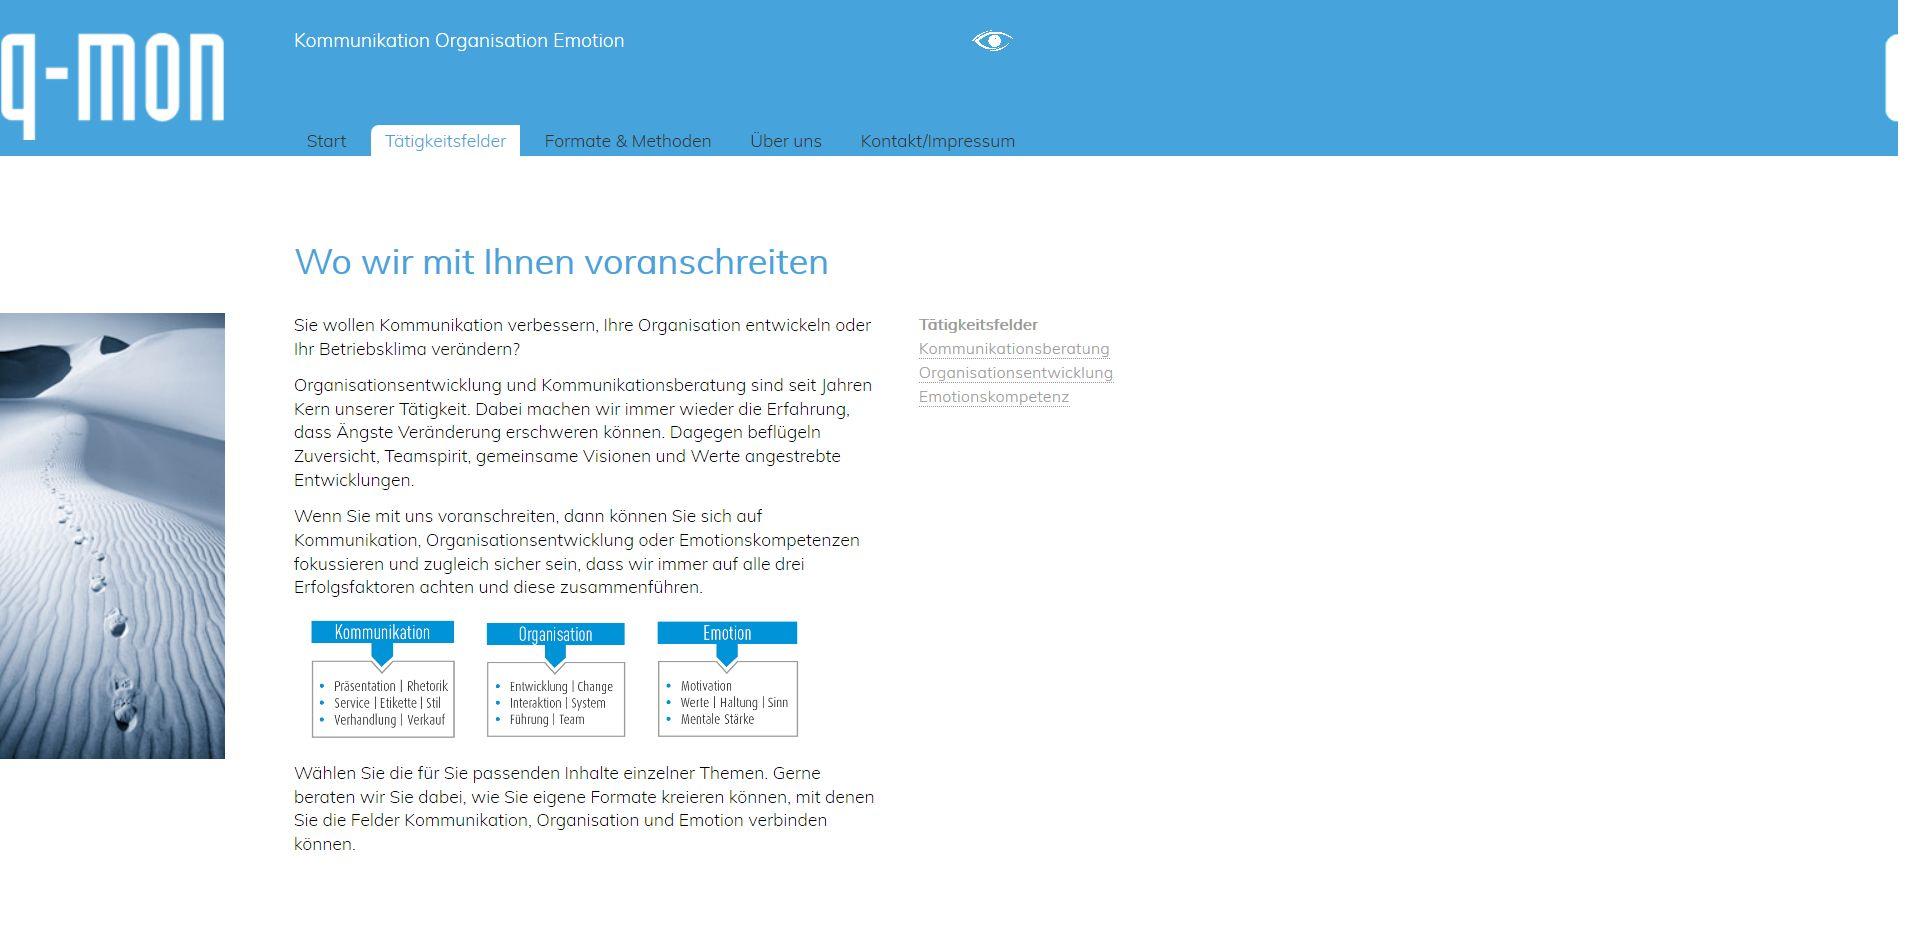 website-redesign-statisches-html-qmon